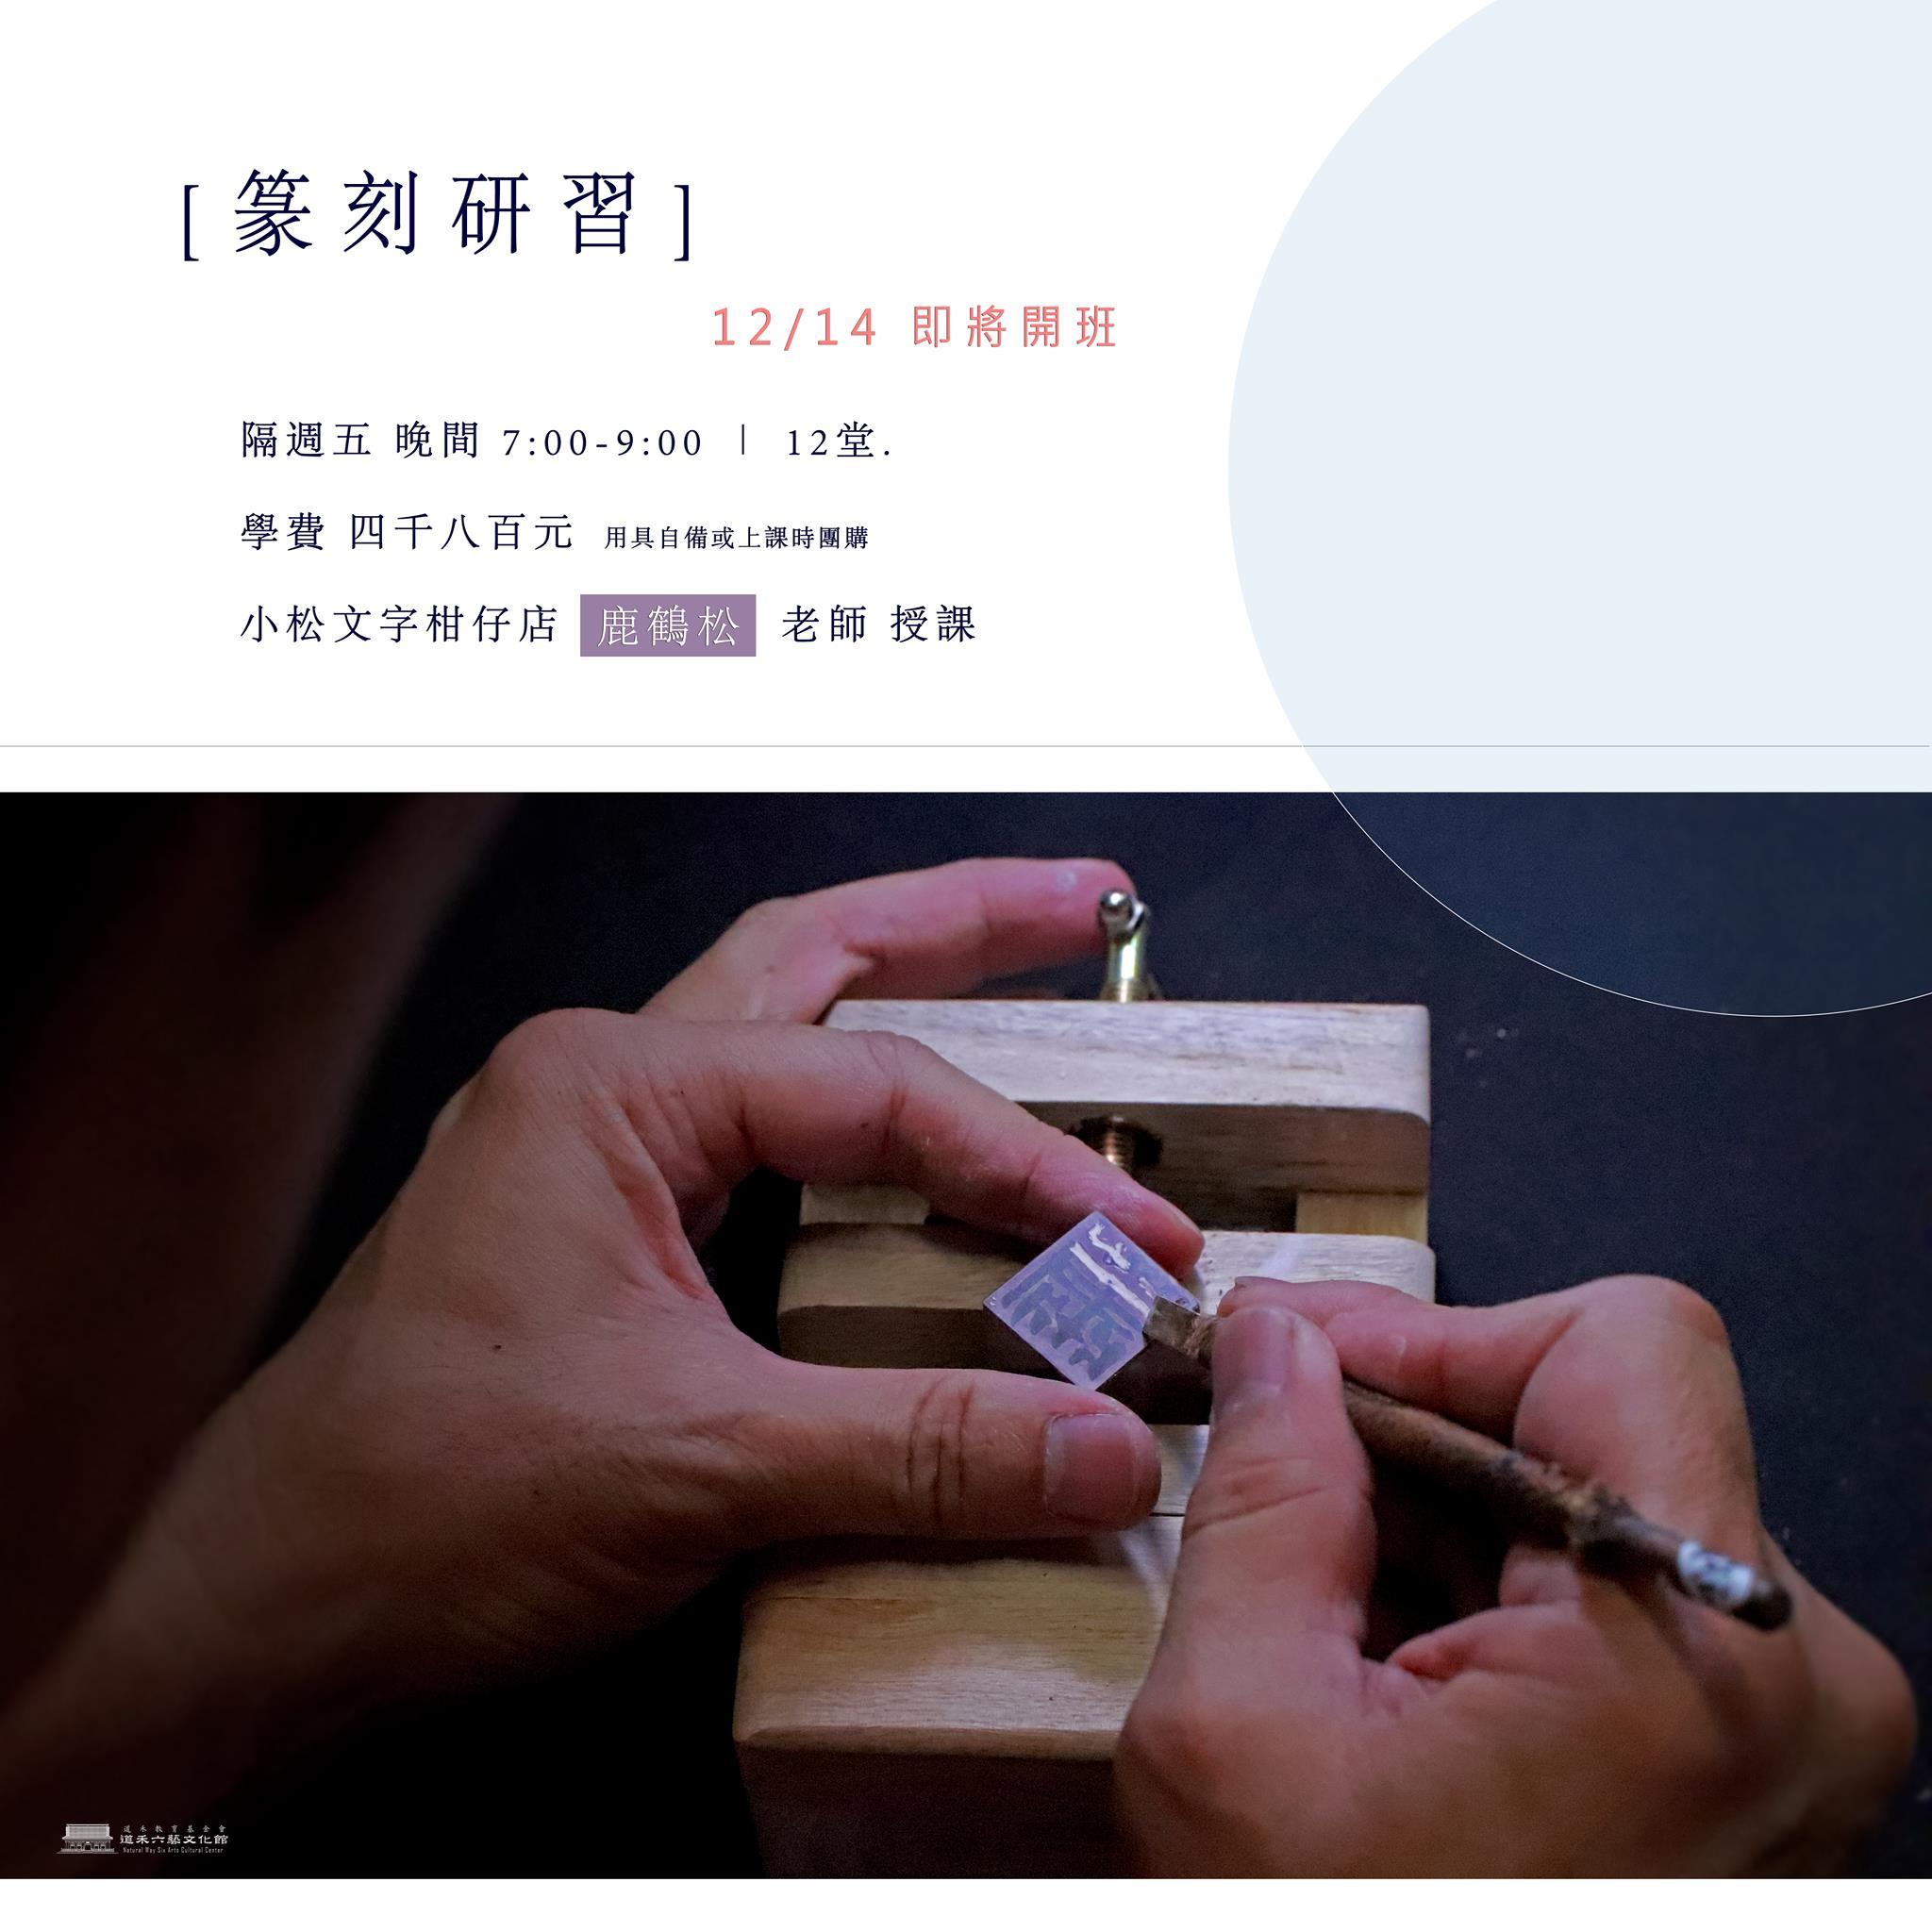 [ 習六藝●書 ] 篆刻研習課程 即將開班